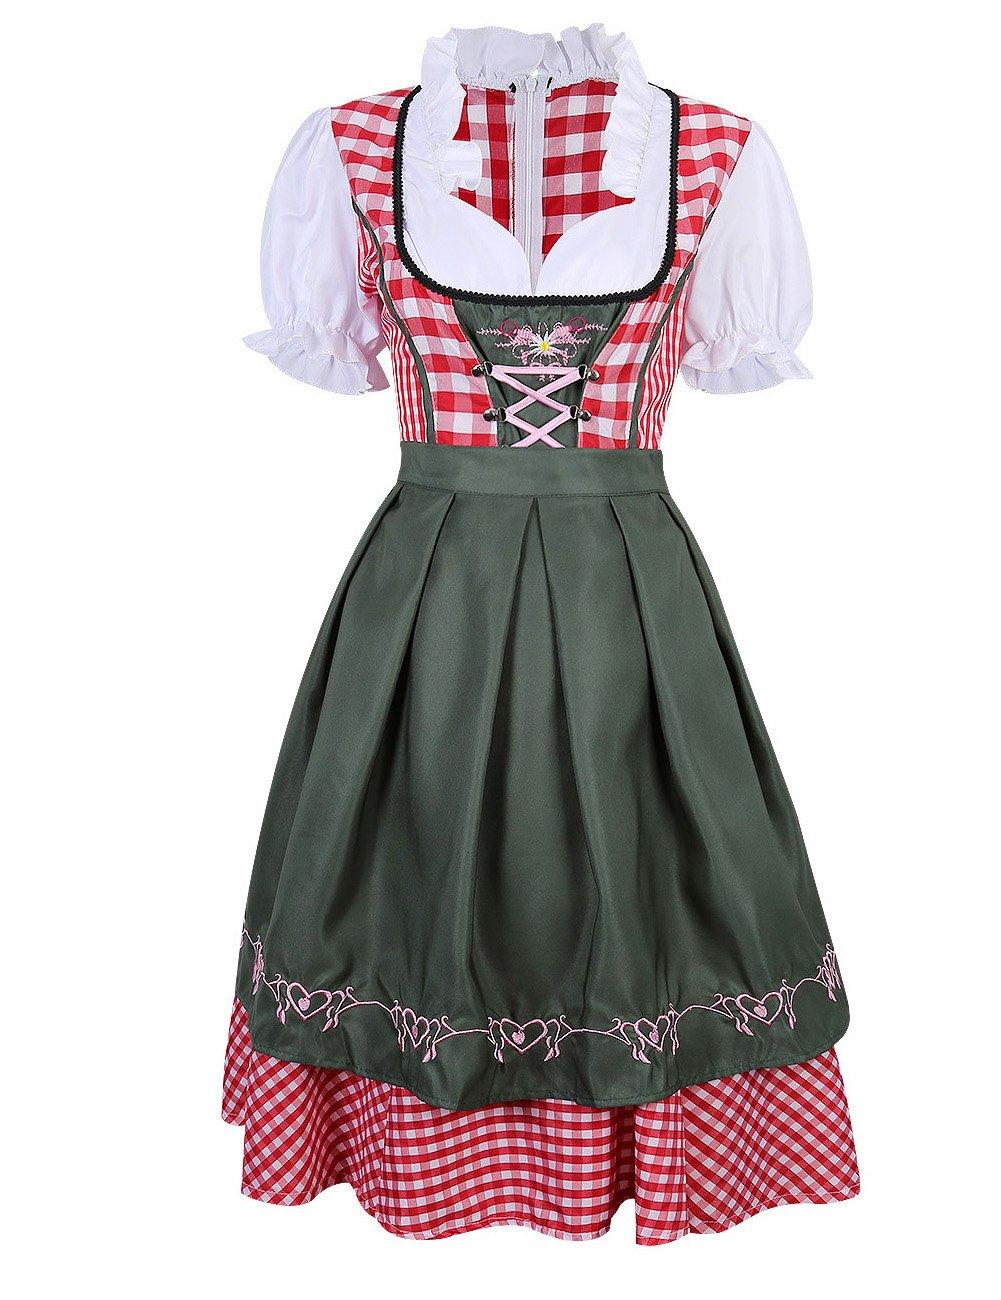 3901e4d695e432 Damen Dirndl Trachtenkleid, Set Karierte Dirndlbluse Stehkeragen Vintage  Oktoberfest Bavarian Couture 2 Teilig Grün xl: Amazon.de: Küche & Haushalt